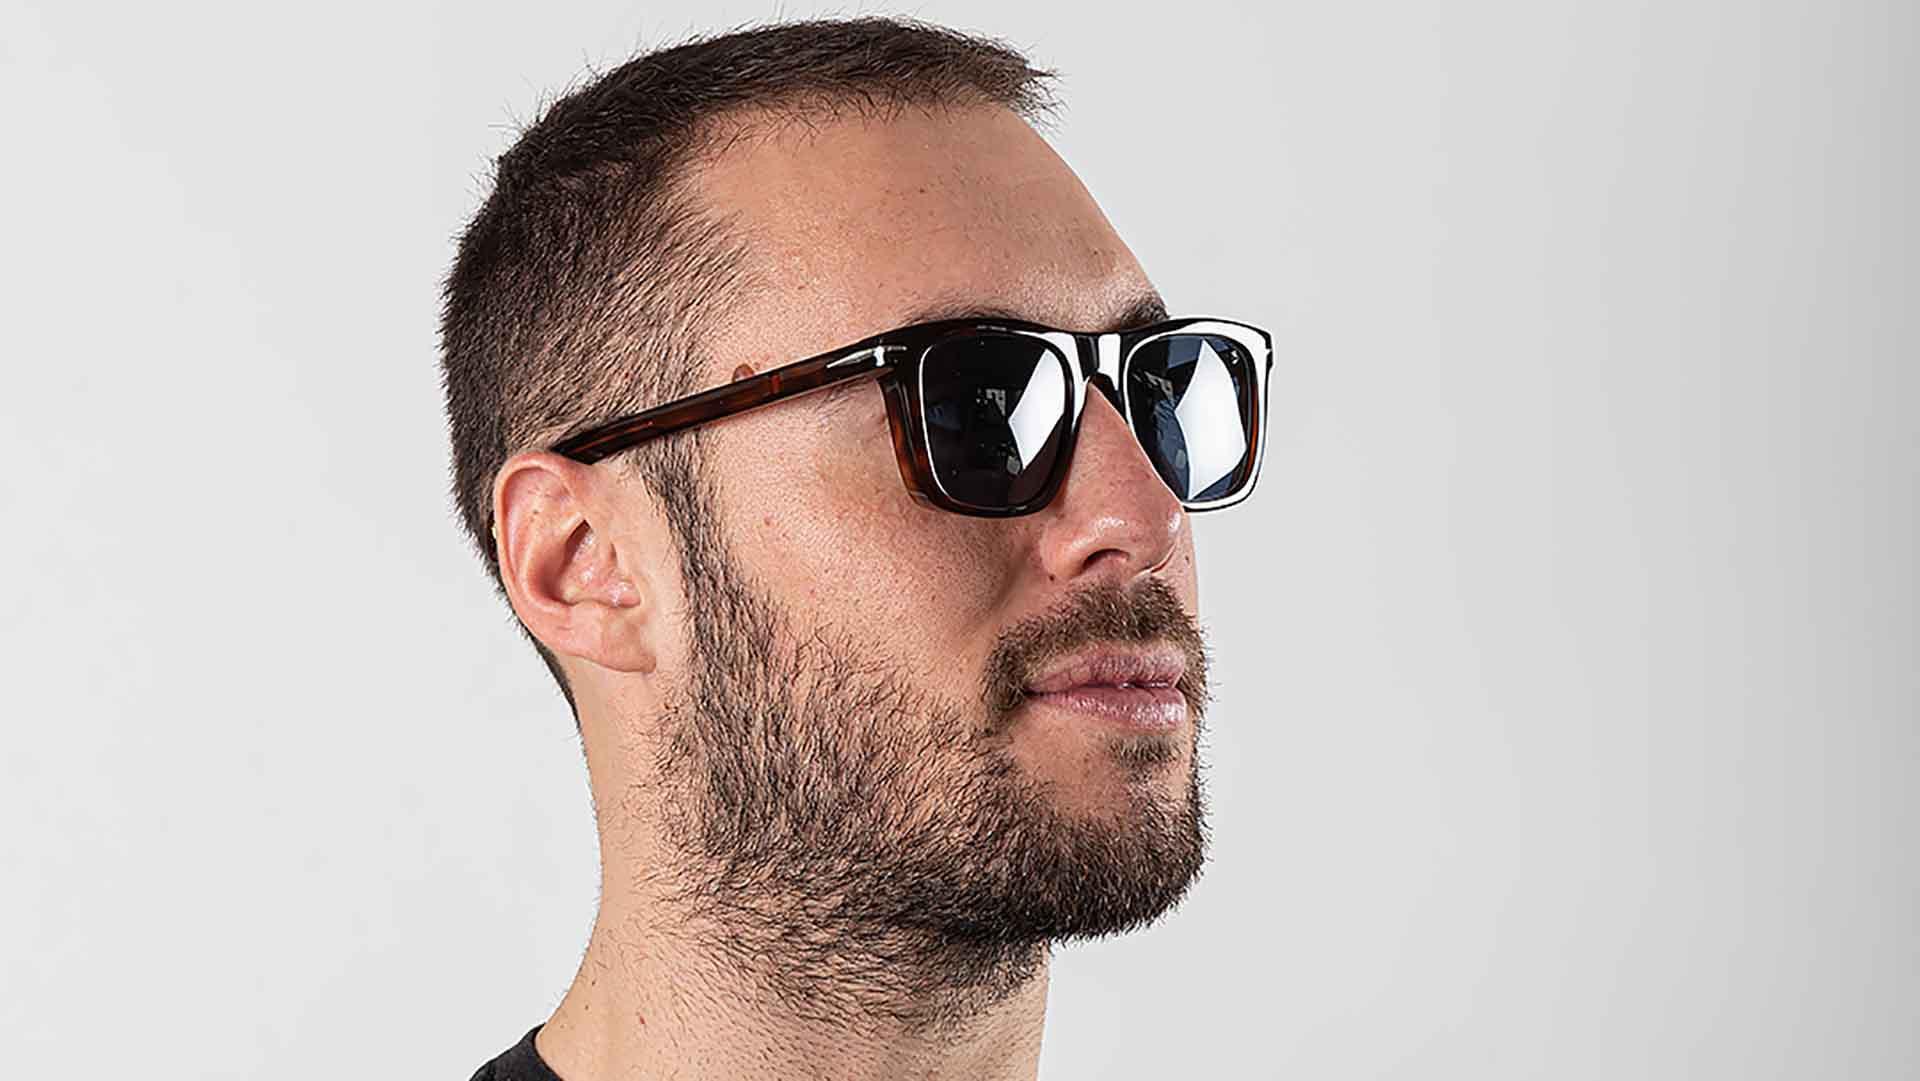 Occhiali clip on: la nuova tendenza nei modelli David Beckham